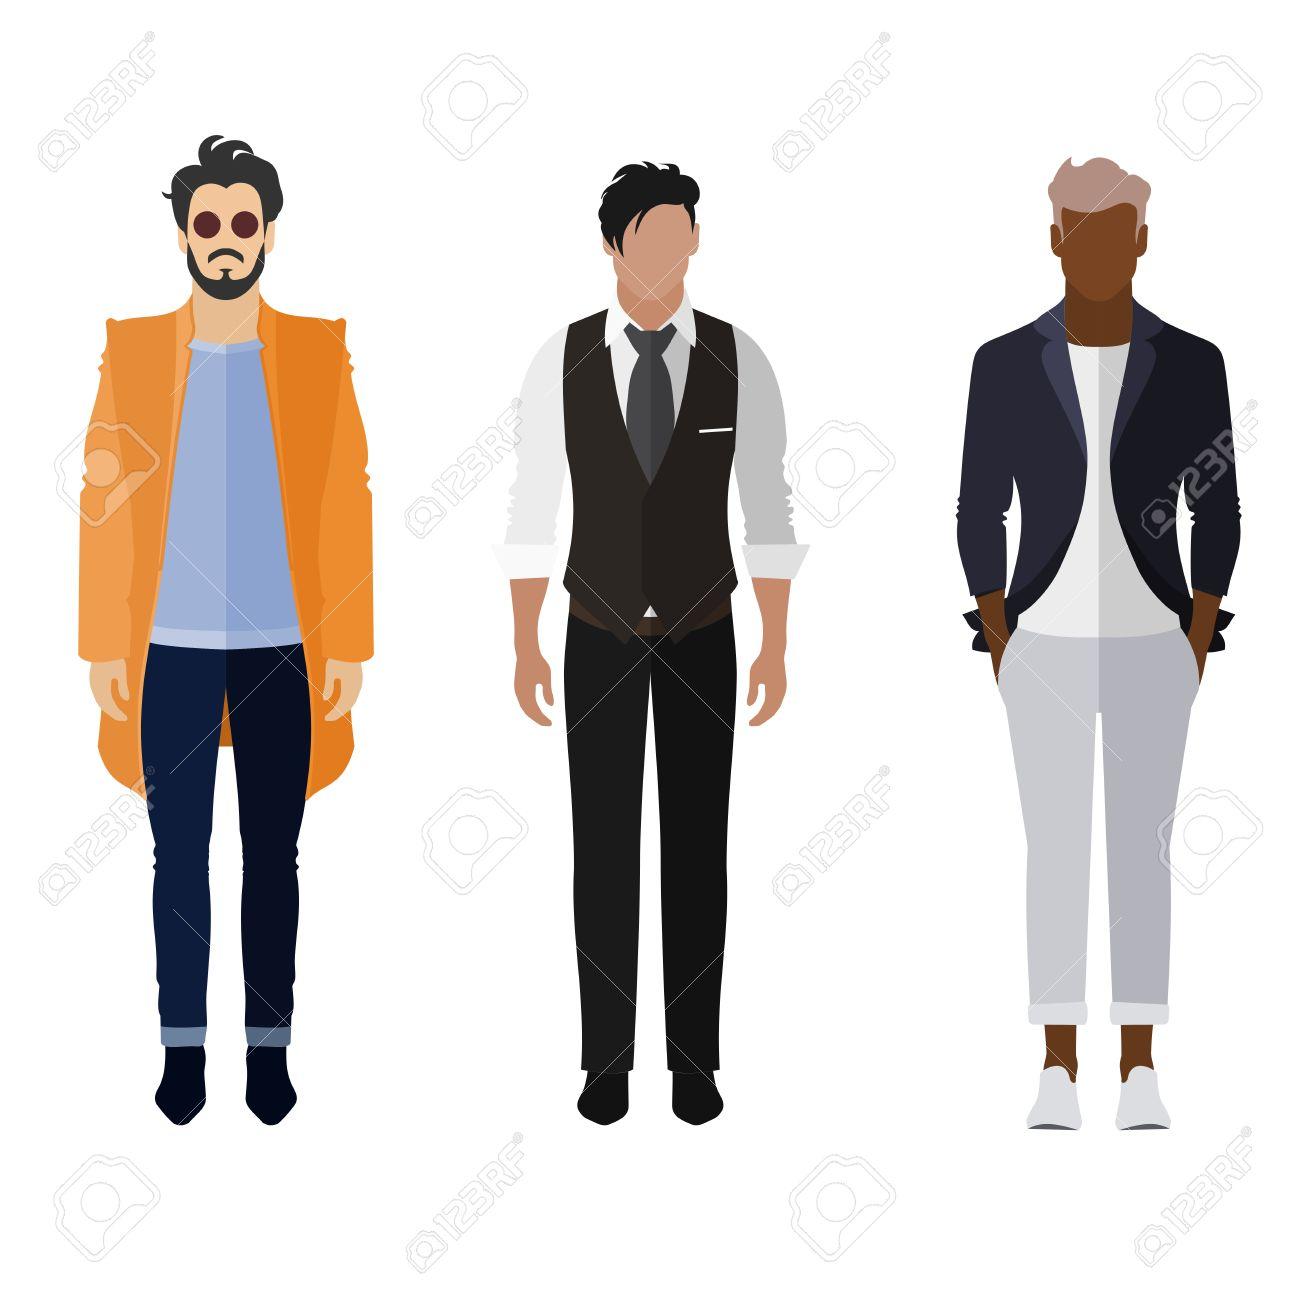 Drei Männer Flach Stil-Ikone Menschen Zahlen In Verschiedenen ...